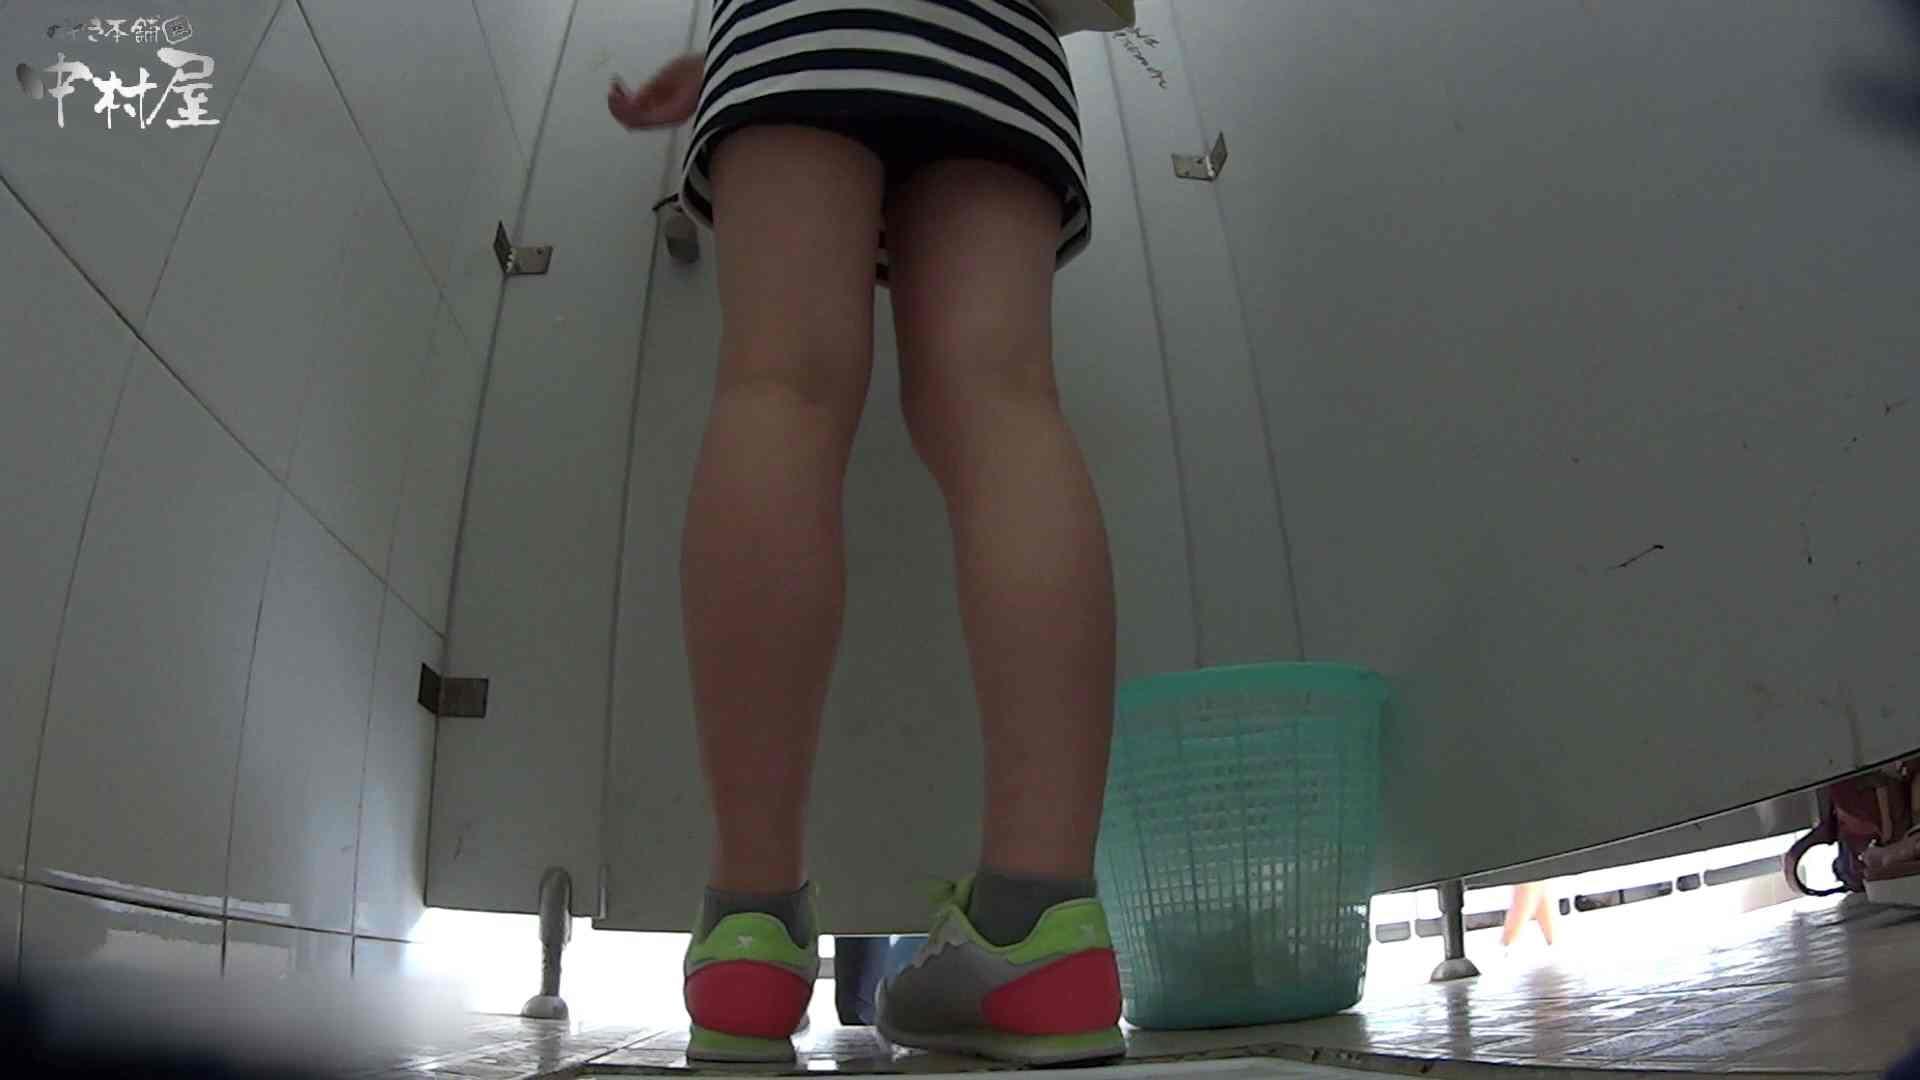 美しい女良たちのトイレ事情 有名大学休憩時間の洗面所事情06 お姉さんヌード 隠し撮りオマンコ動画紹介 110画像 60